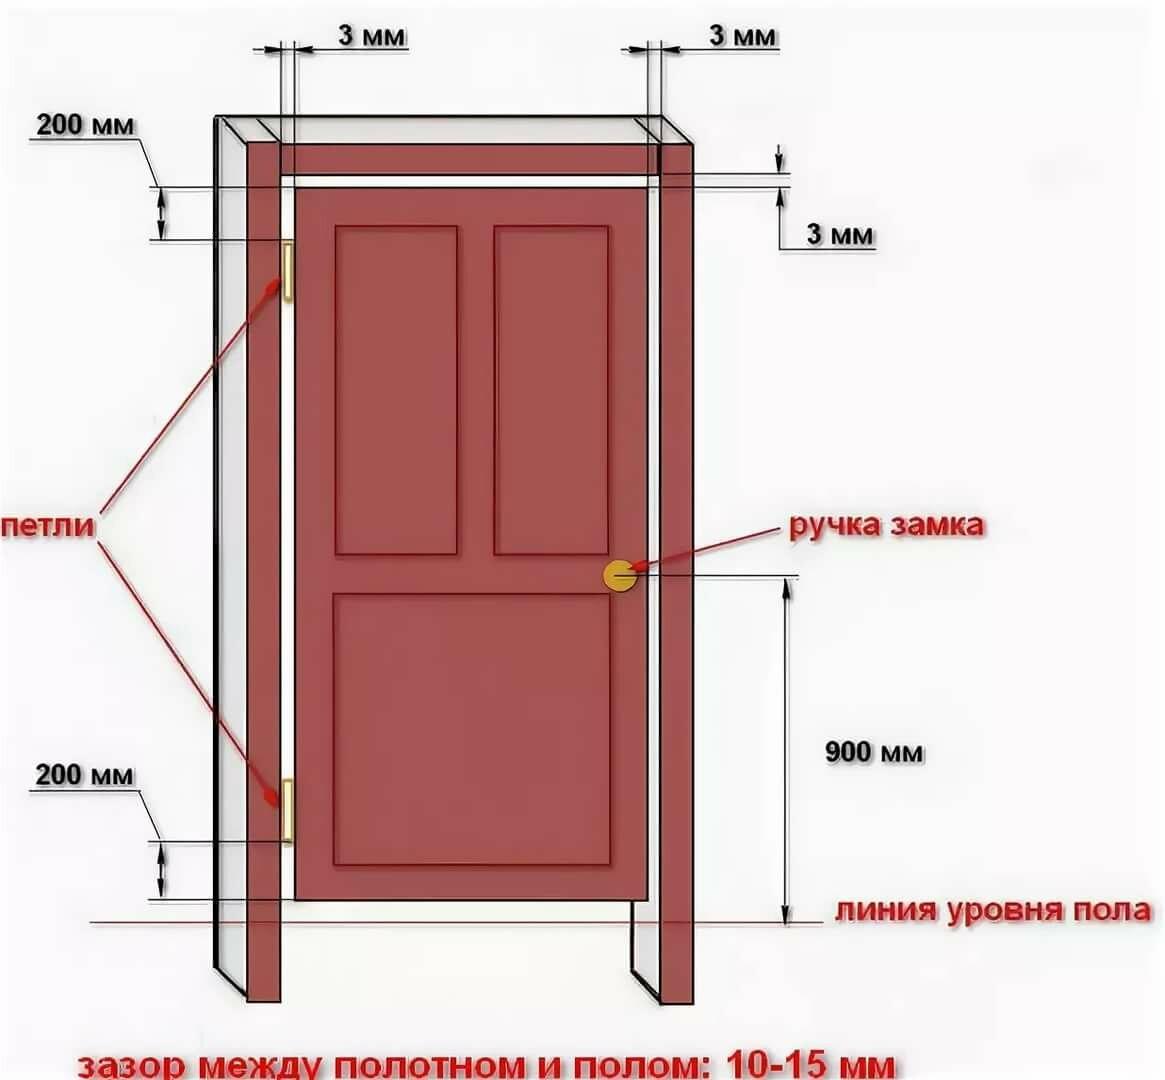 Монтаж межкомнатных дверей своими руками: пошаговая инструкция с видео